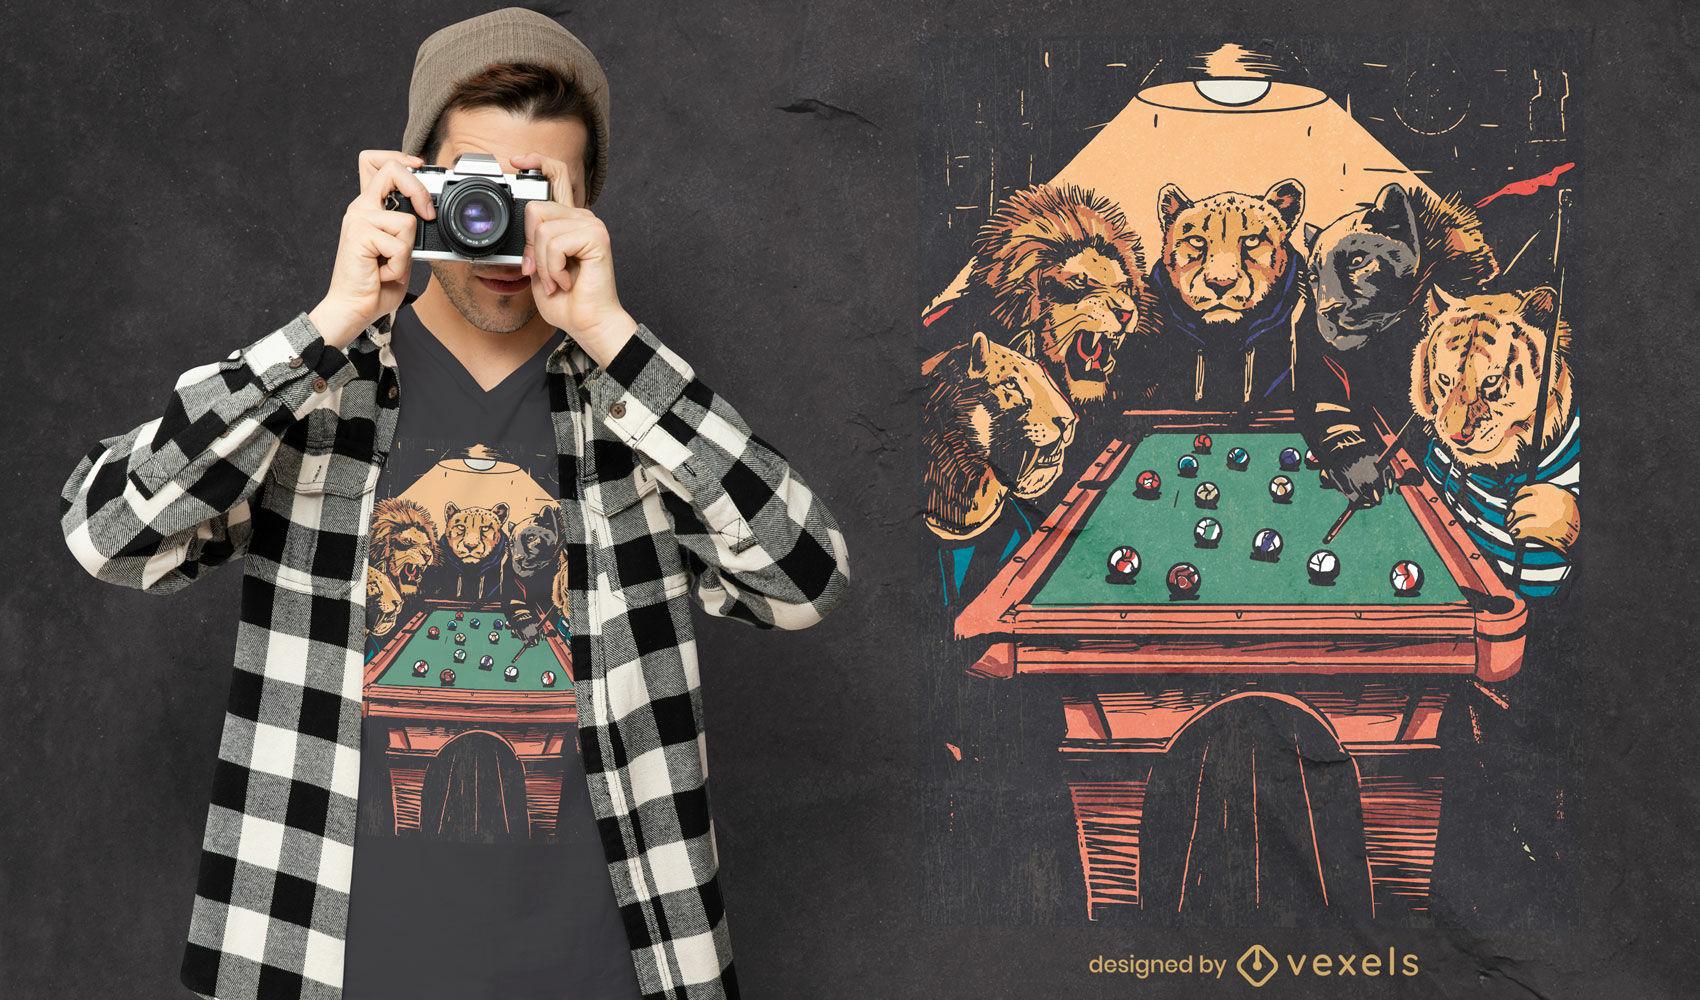 Dise?o de camiseta de grandes felinos jugando al billar.